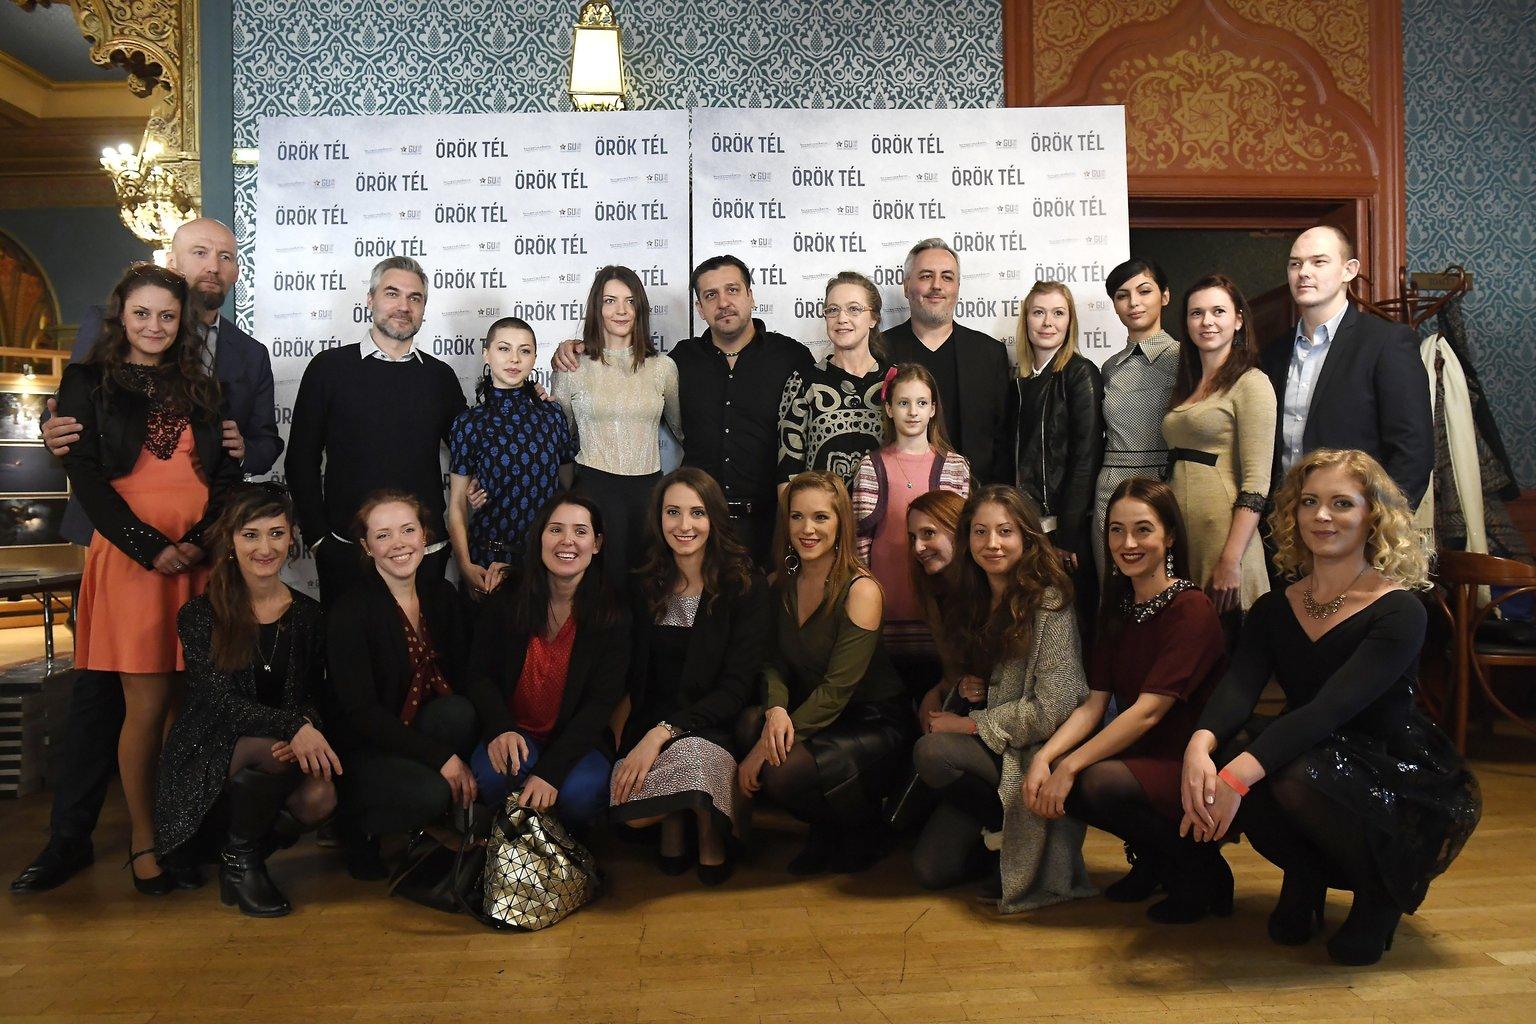 Hátul Skuta Vilmos fotográfus (b2), Szász Attila rendező (b3), Döbrösi Laura (b4), Gera Marina (b5), Csányi Sándor (b6), Für Anikó (j7), Fehérvári Norina (j6), Kiss Diána Magdolna (j4), Farkas Franciska (j3), Orosz Ákos (j), a film főszereplői, és Köbli Norbert forgatókönyvíró (j5), elöl a további női szereplők az Örök tél című filmről tartott sajtótájékoztatón az Uránia Nemzeti Filmszínházban 2018. január 30-án (MTI Fotó: Kovács Tamás)